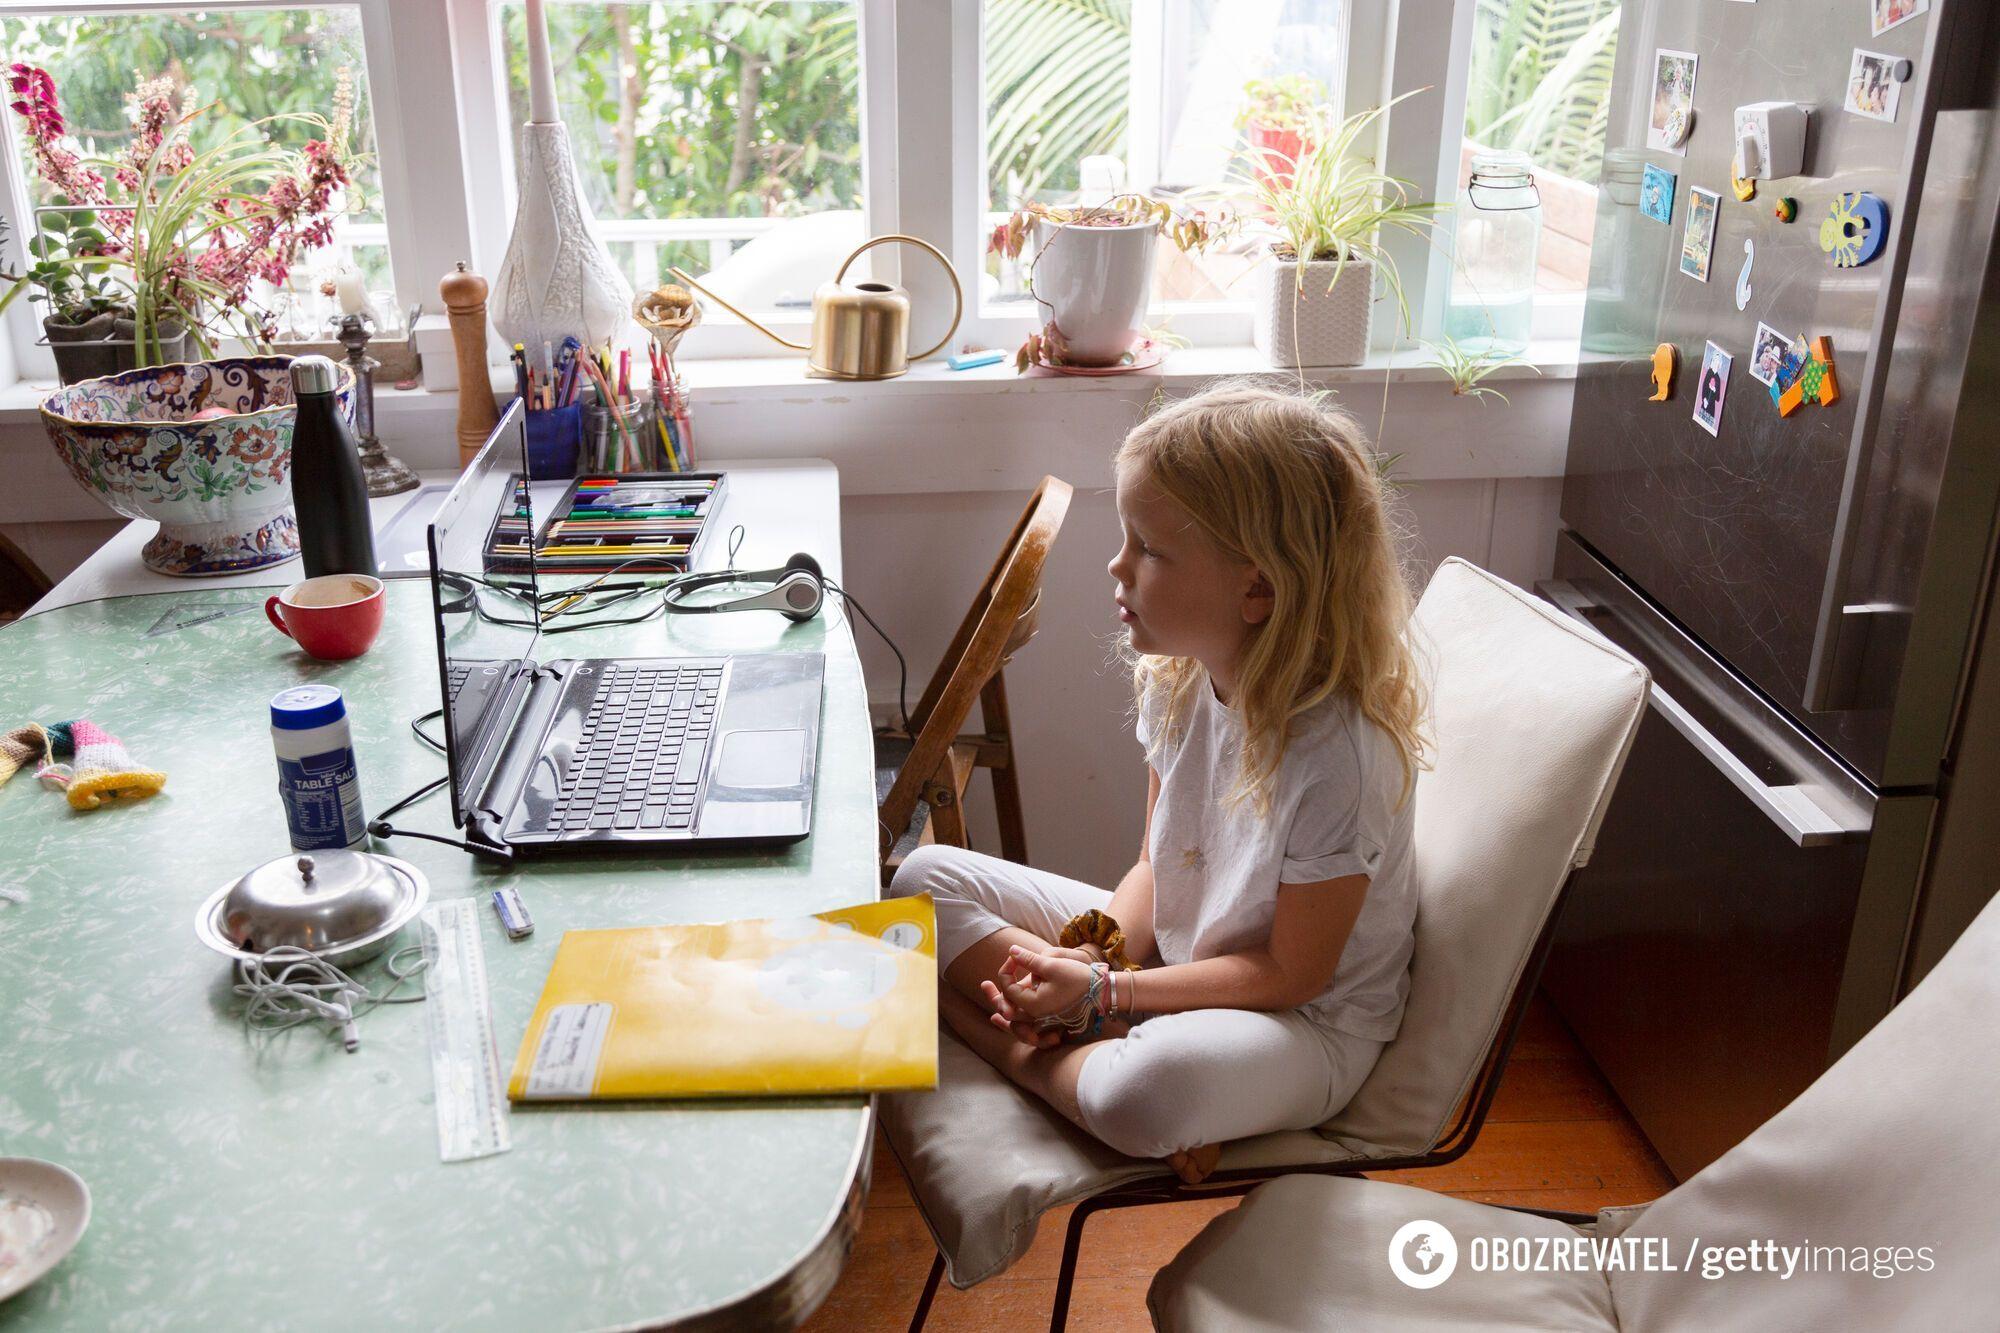 Из-за педагогов, которые не хотят делать прививку от COVID-19, детям снова придется учиться дома